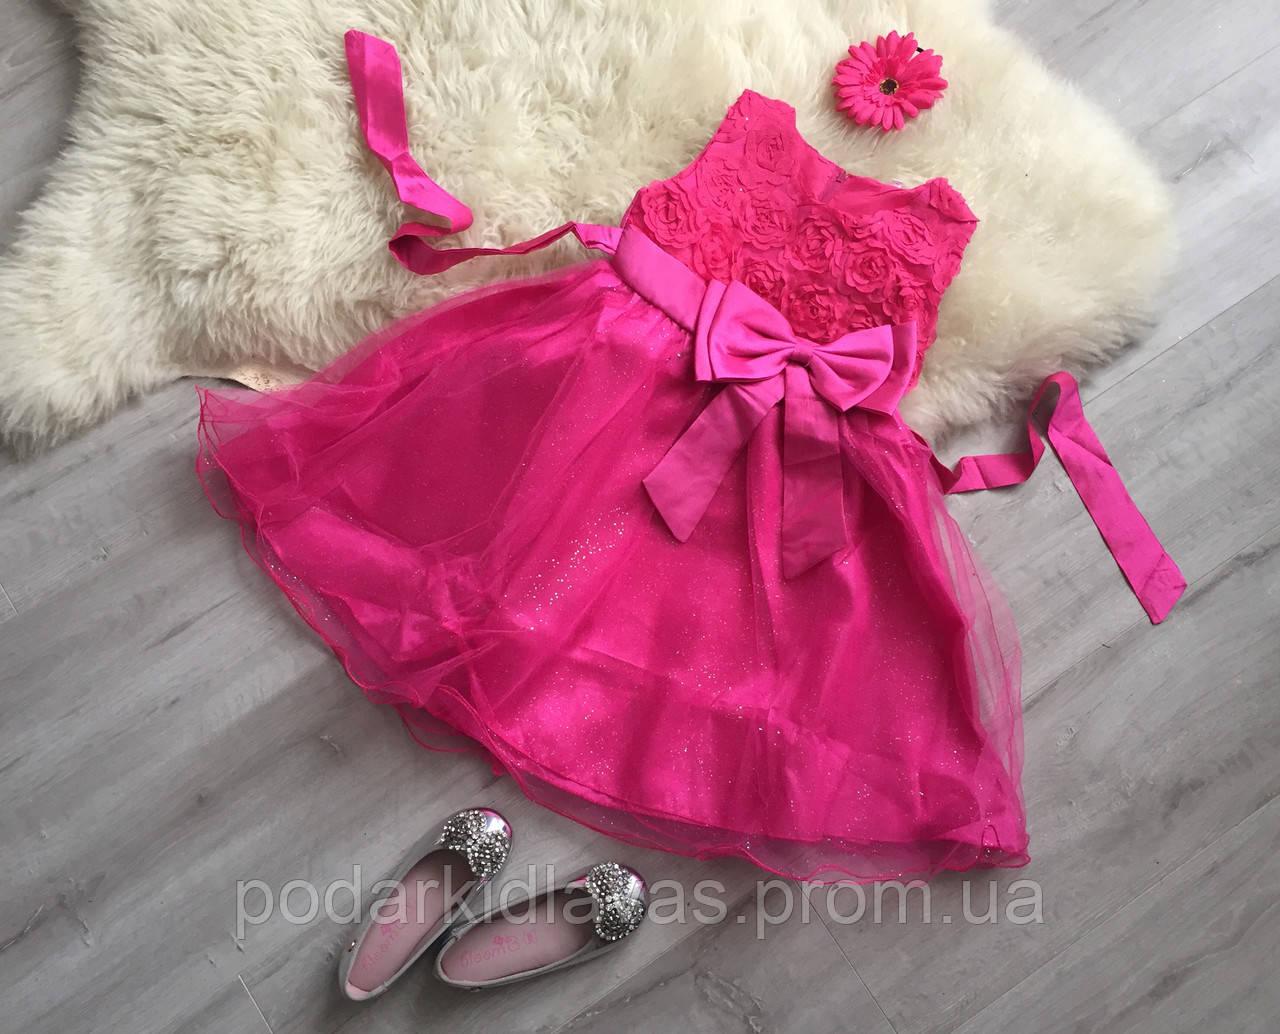 Малиновое платье с блестящей фатиновой юбкой и бантом, 130